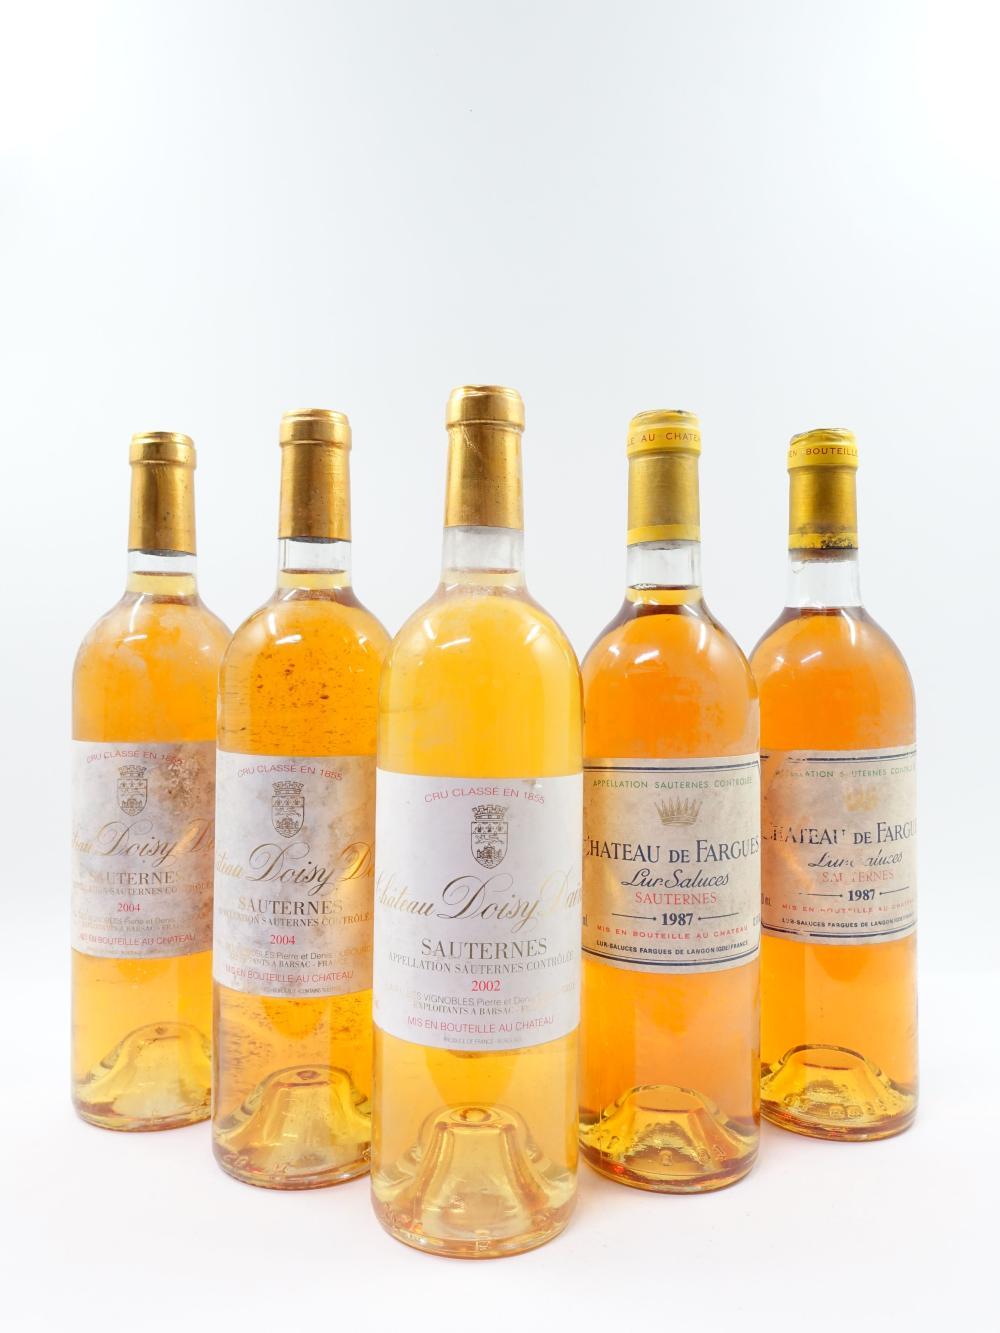 5 bouteilles 2 bts : CHÂTEAU DE FARGUES 1987 Sauternes (1 base goulot, 1 légèrement bas. Étiquettes tachées, léger déchirées) 1 b...